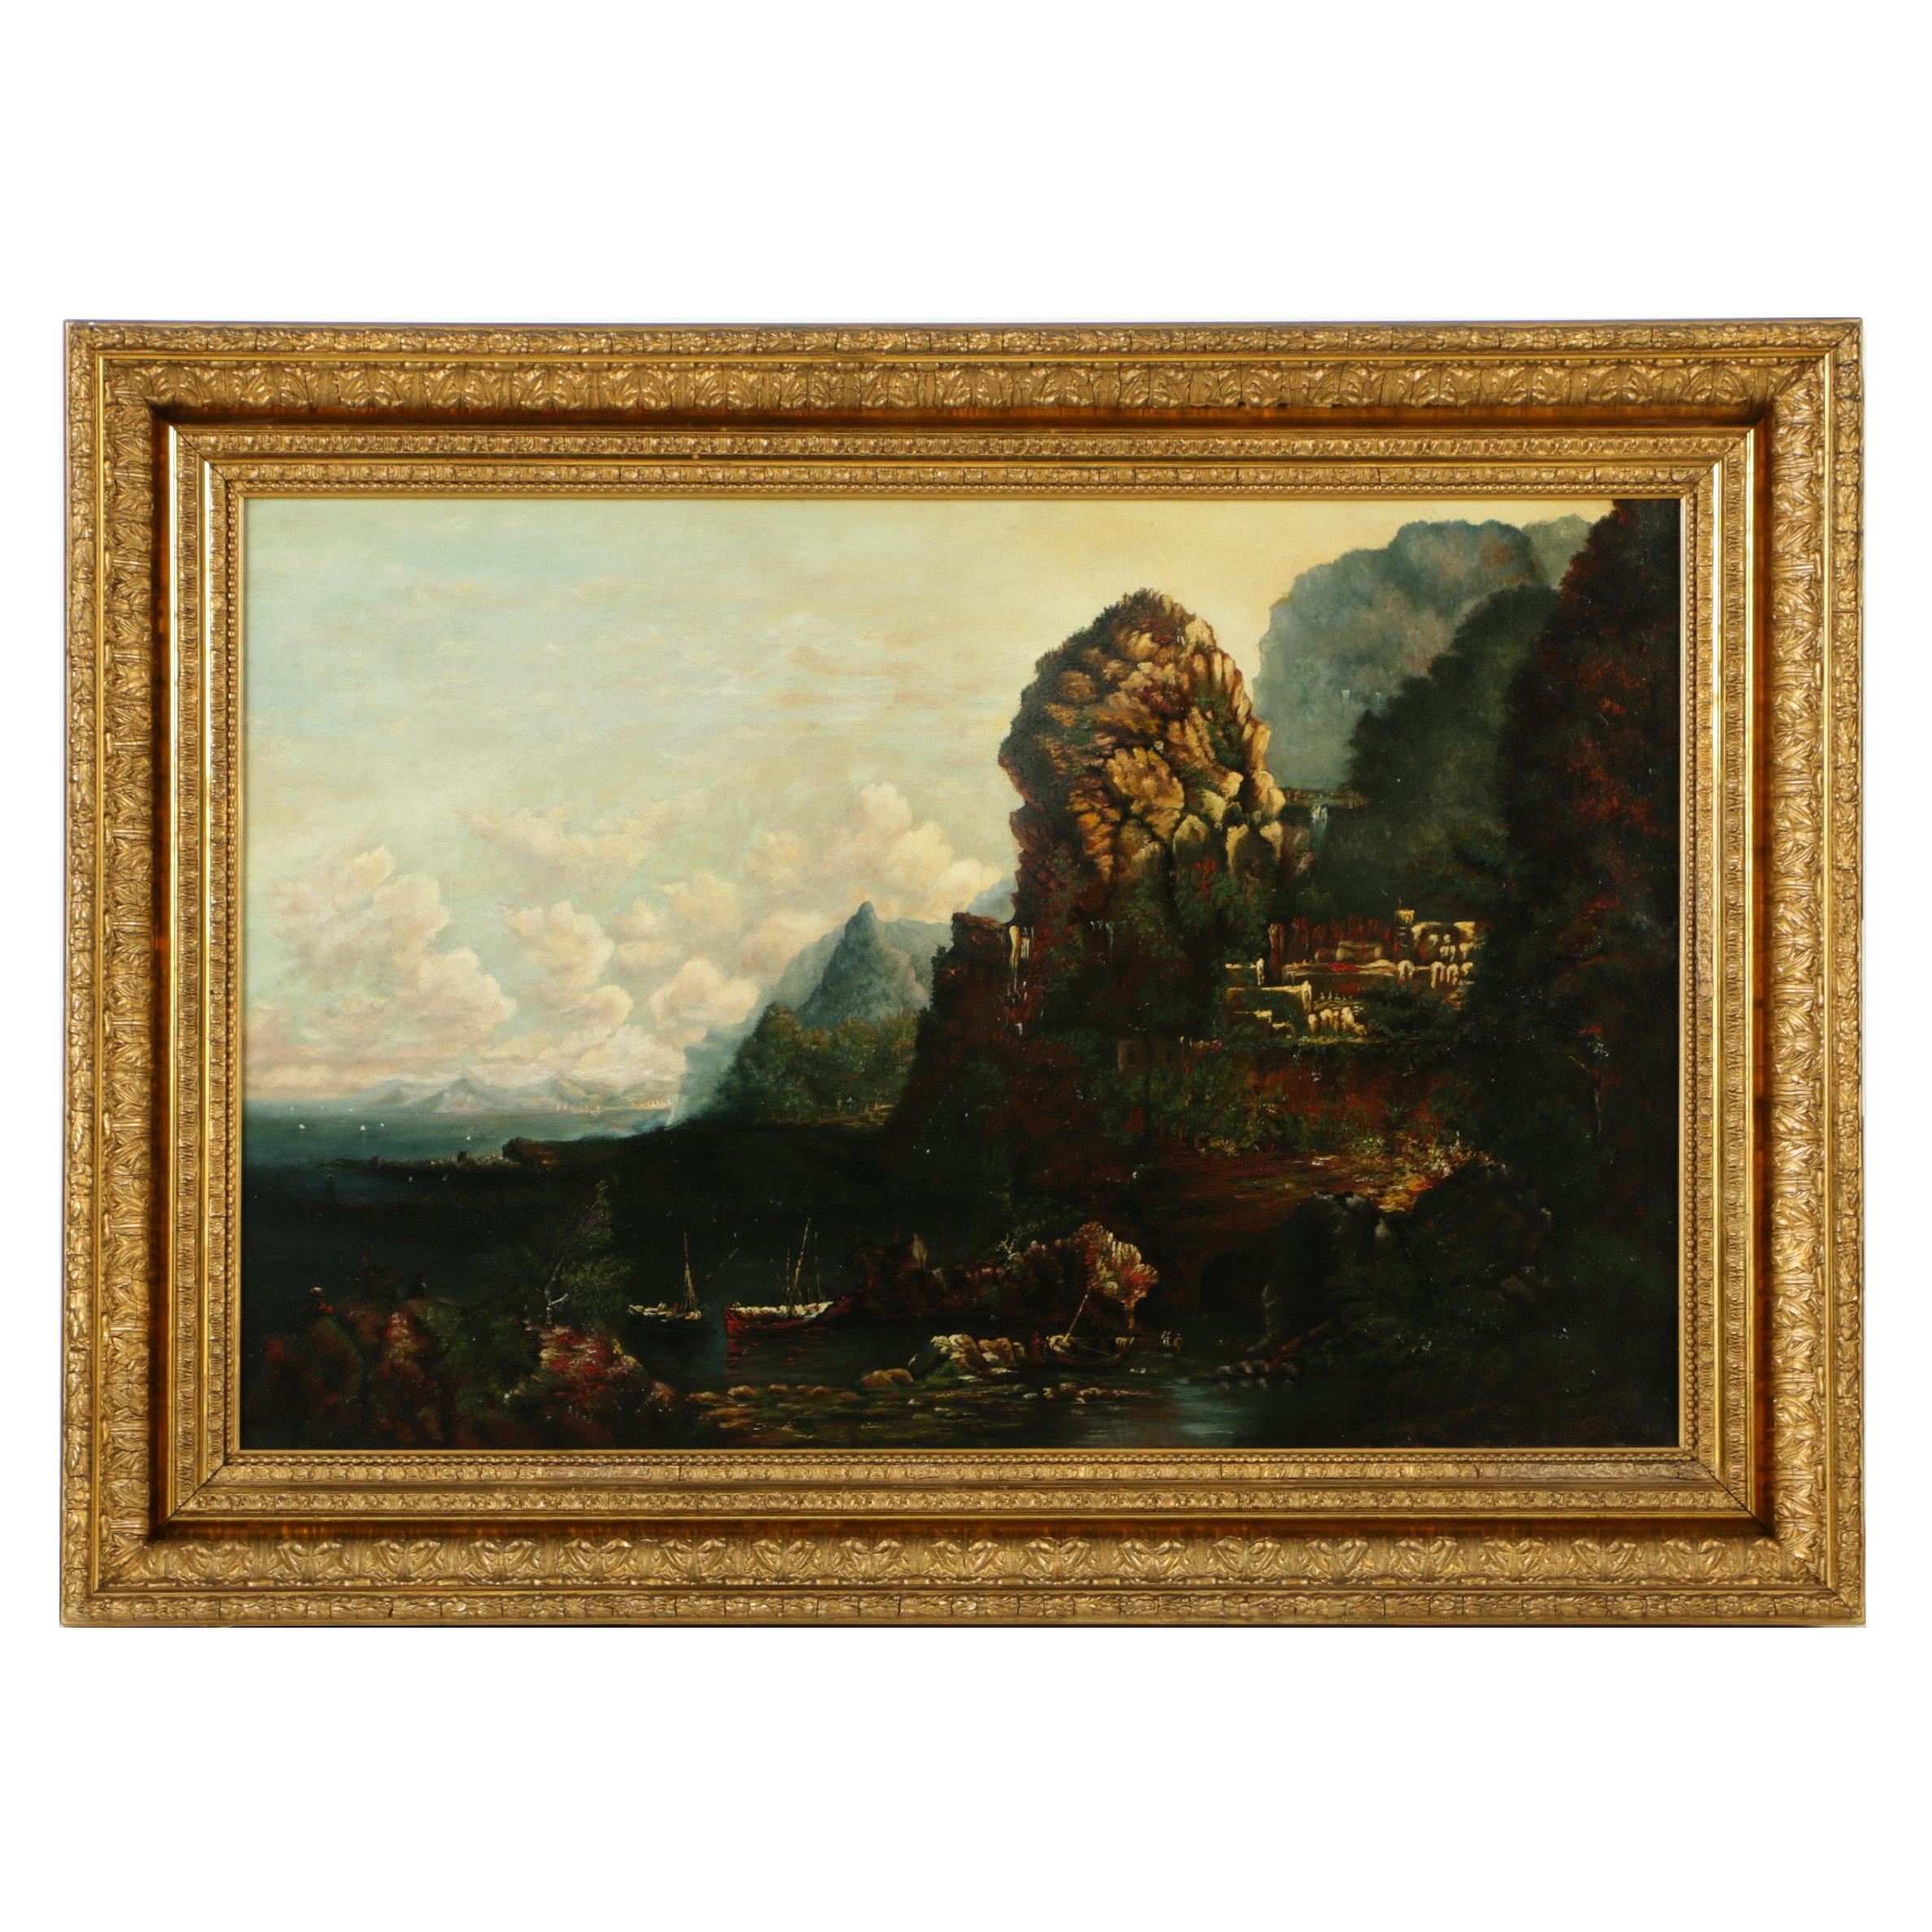 Oil Painting on Canvas Romantic Landscape